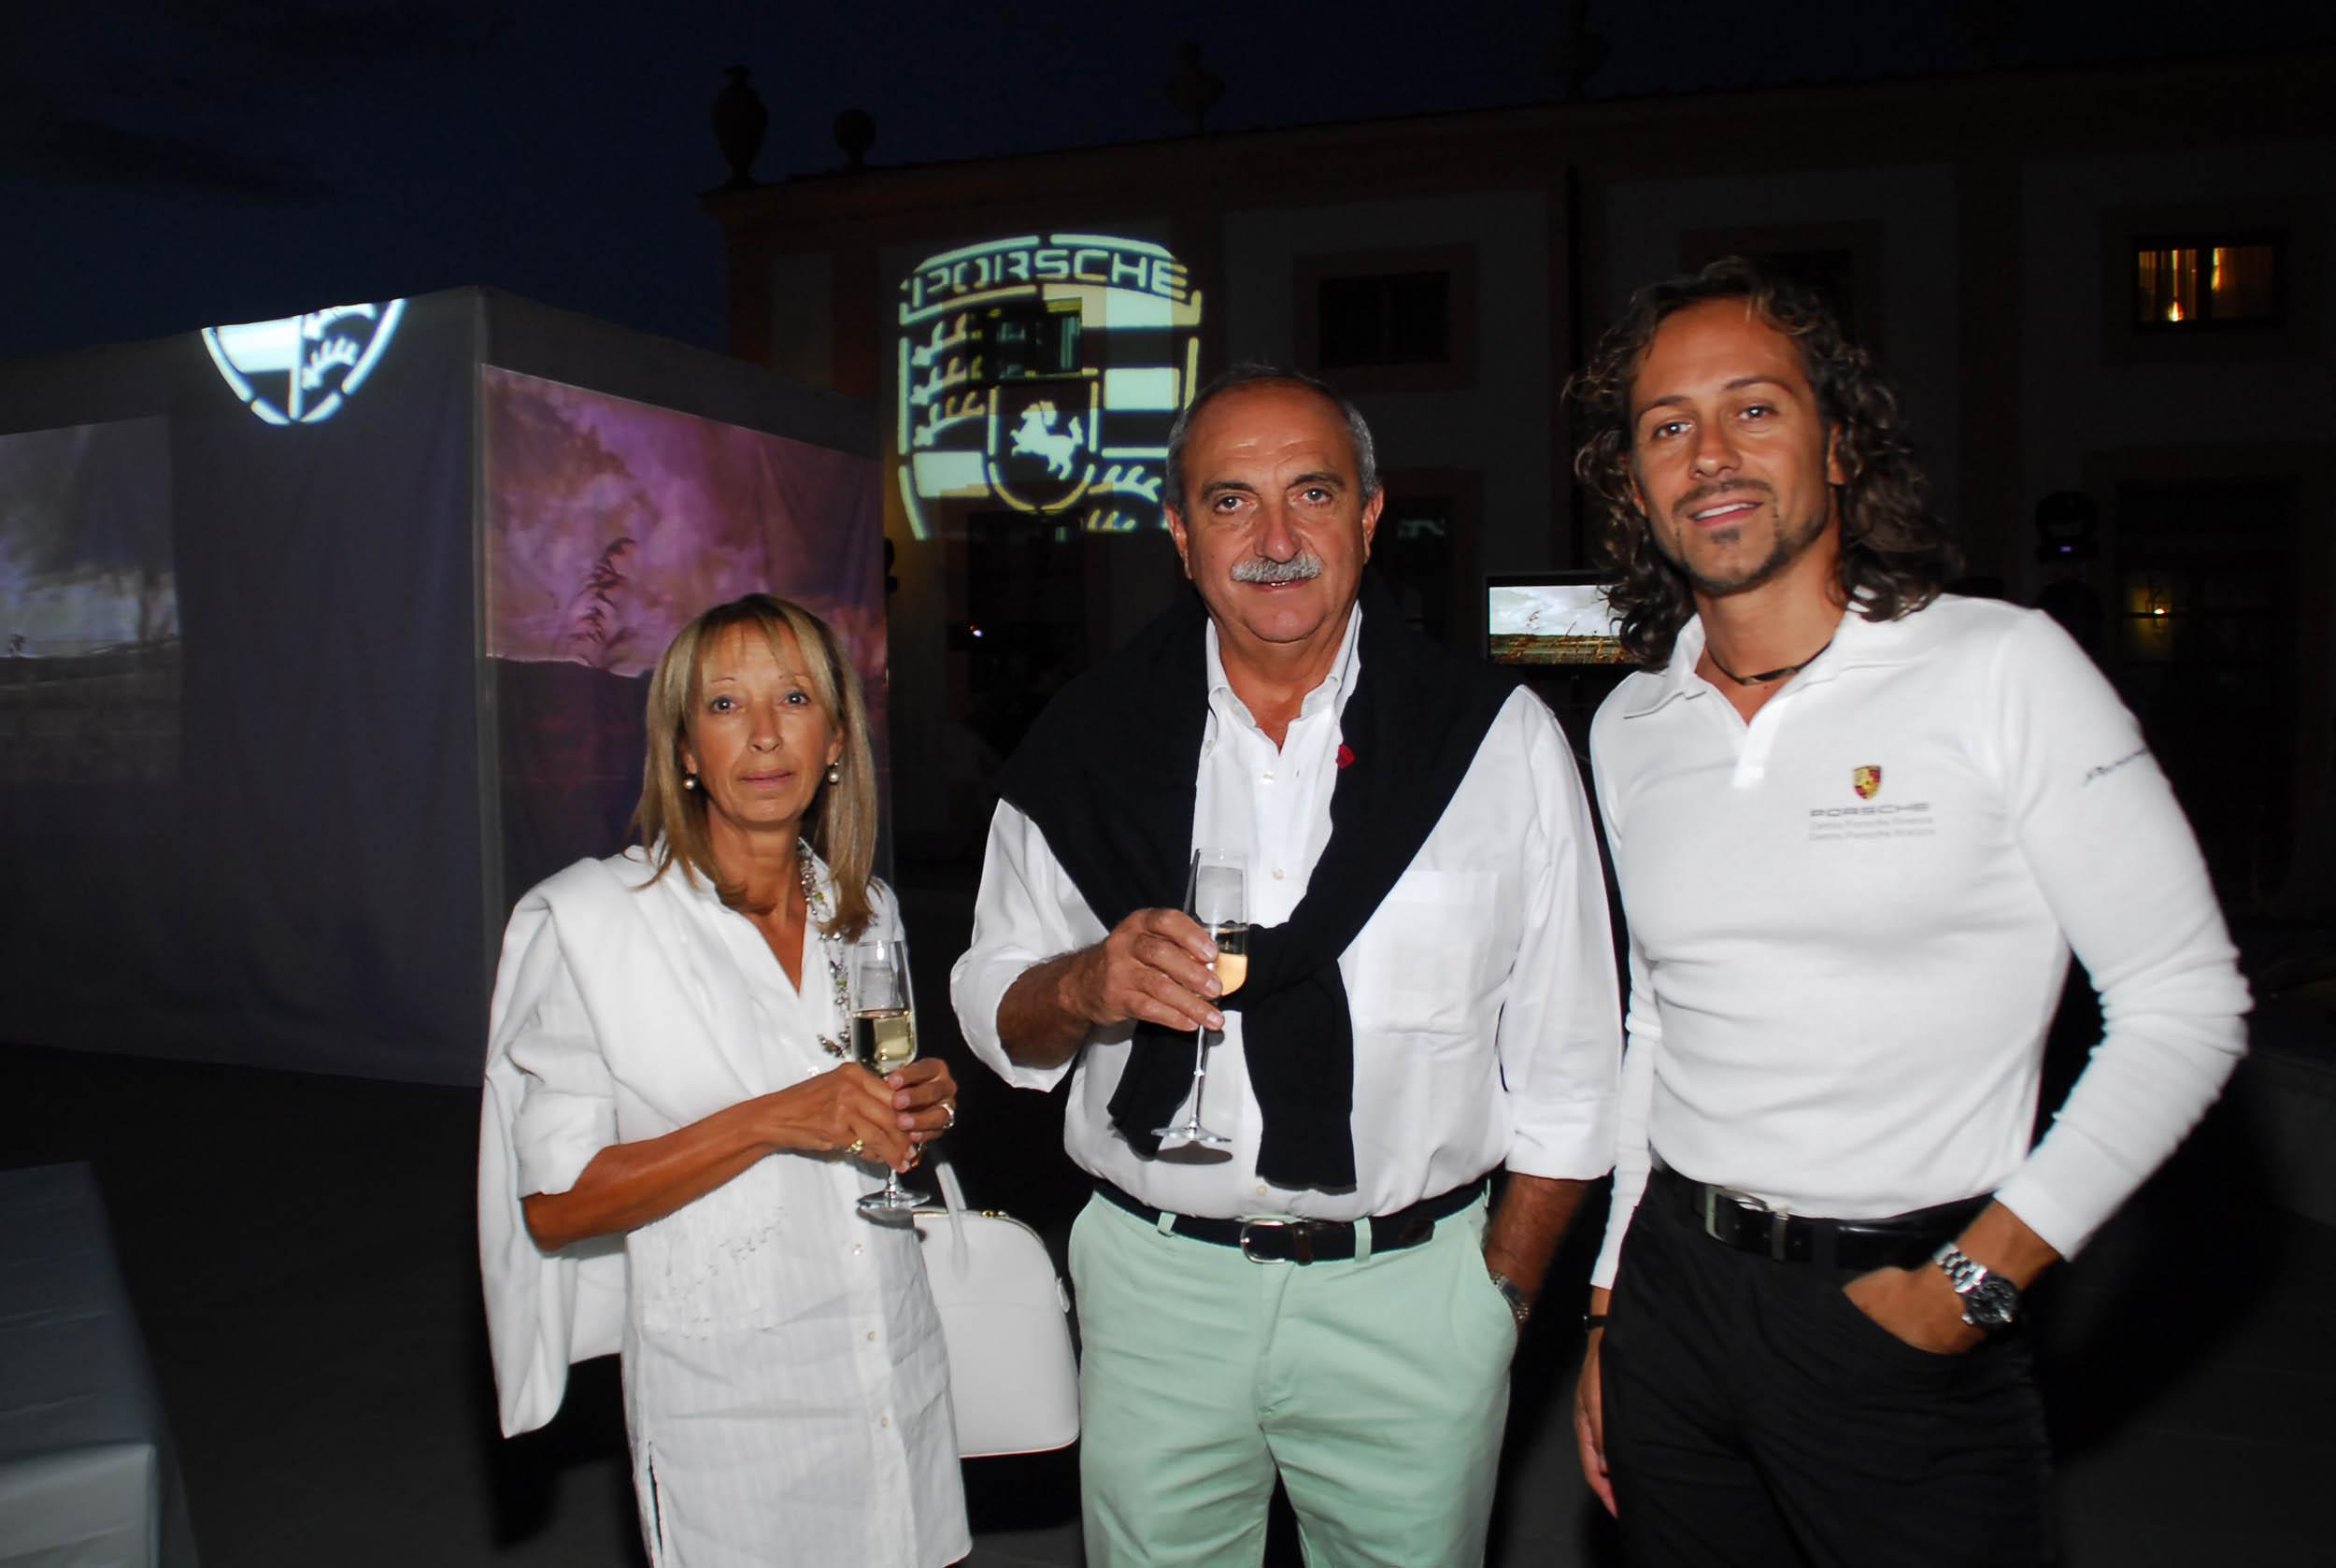 PRESSPHOTO  Firenze, Resort Villa Olmi, presentazione Porsche Panamera. Nella foto Simone Pecchioli, Franco Cortesi e Gianna Salocchi